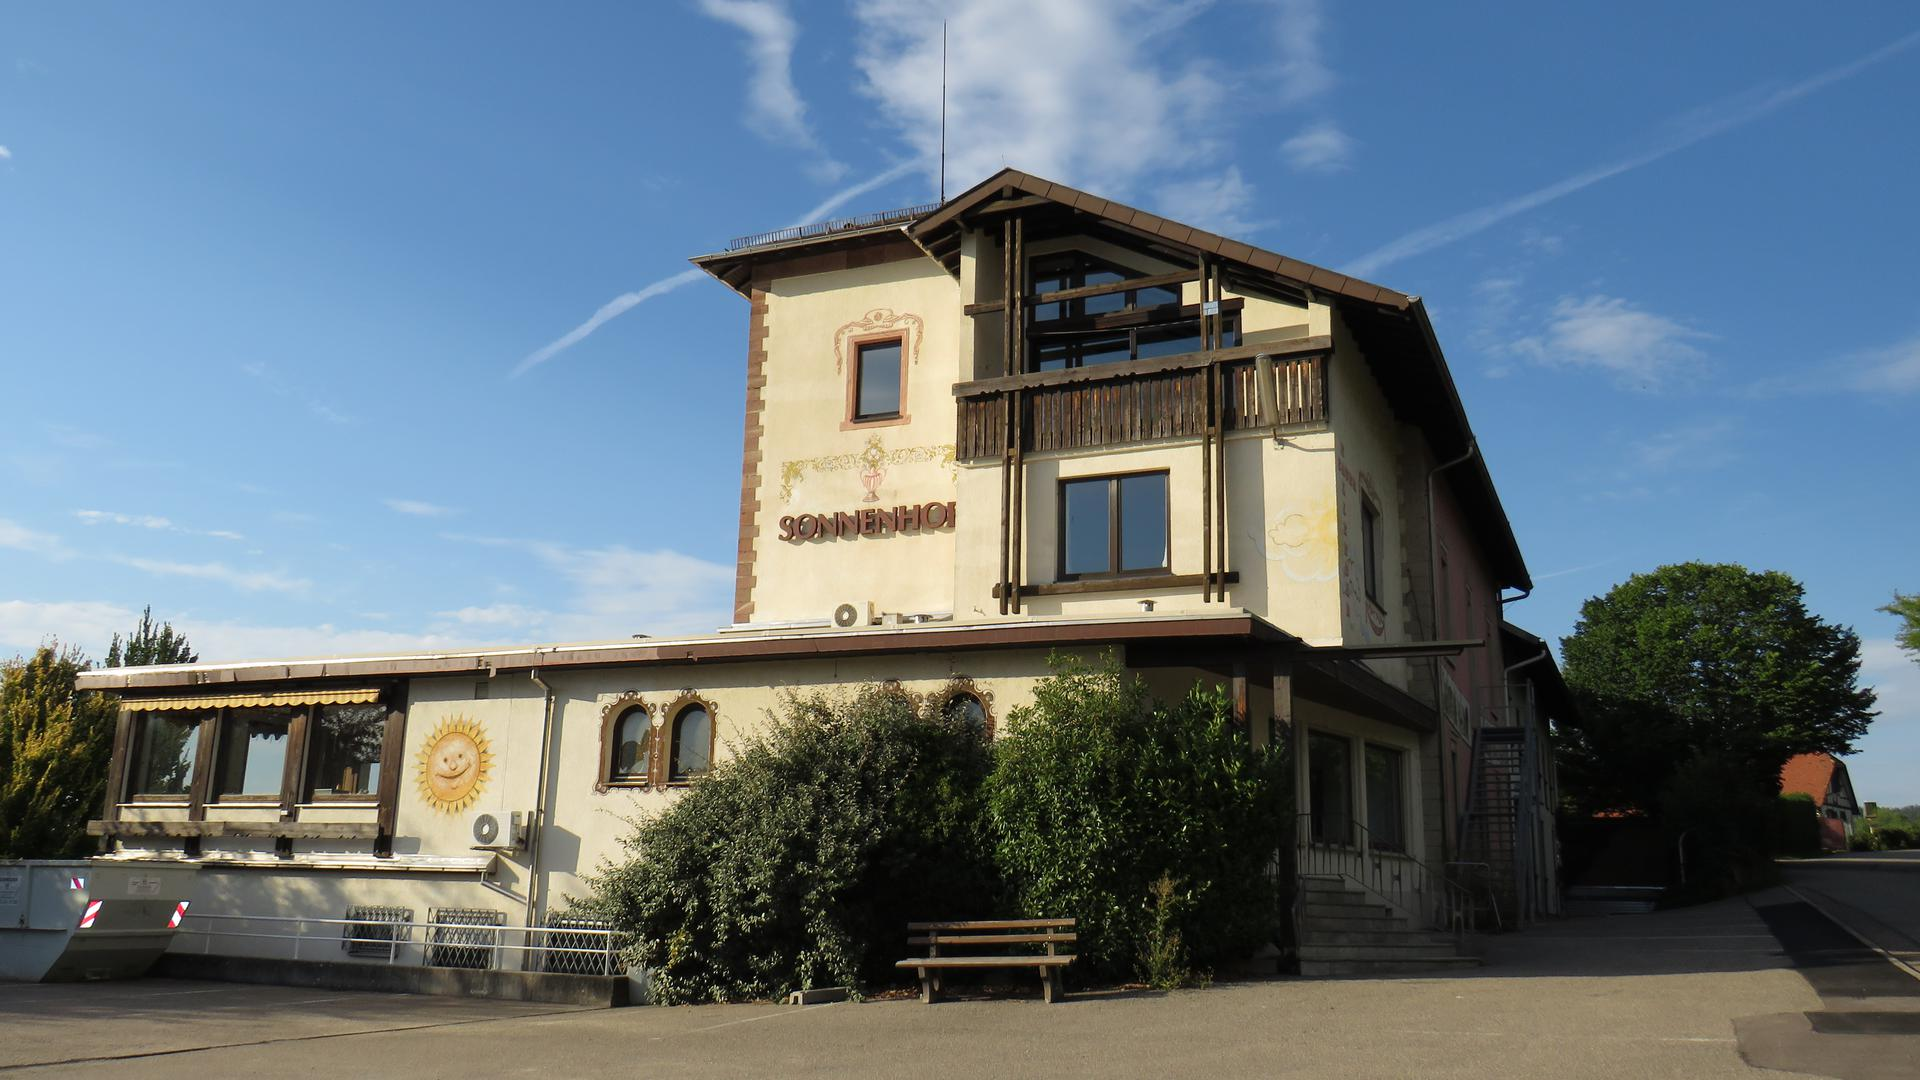 Gernsbach Corona